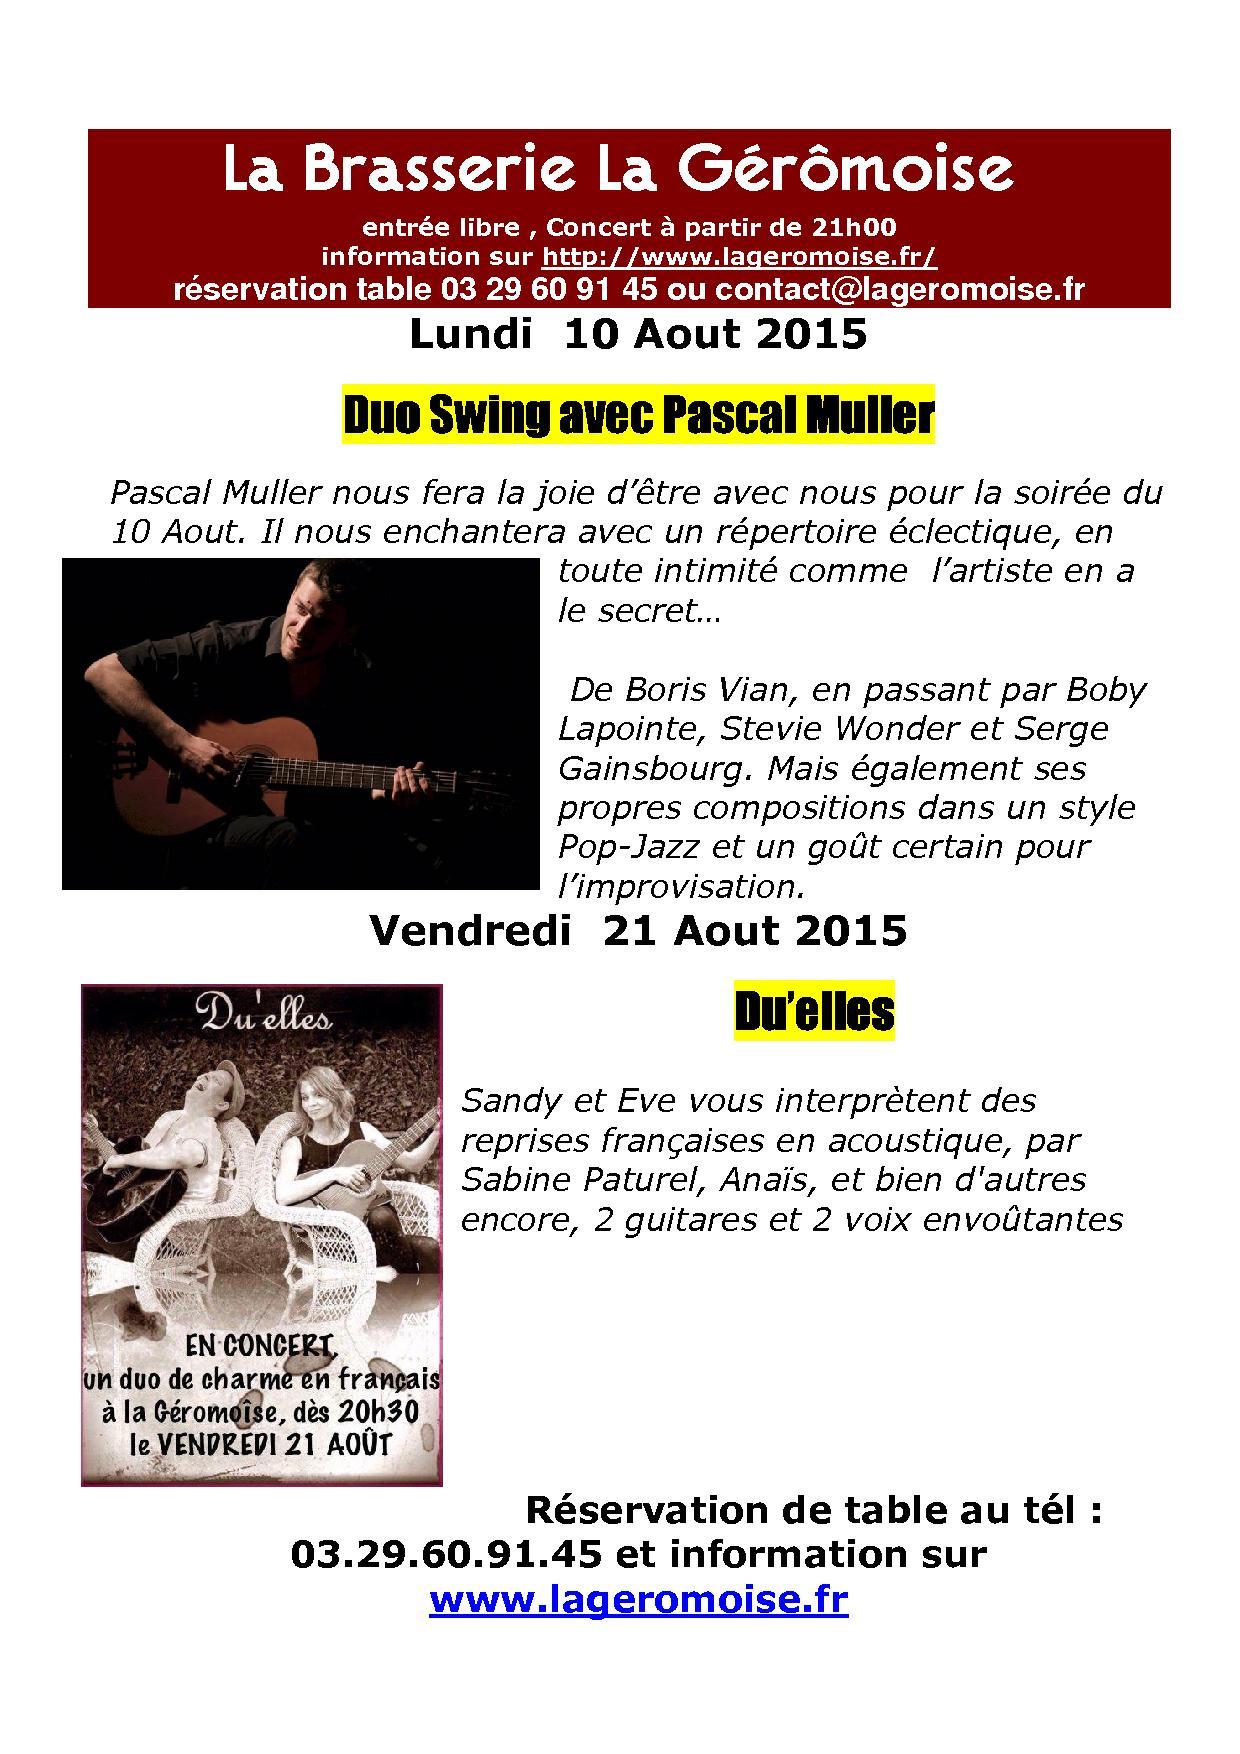 concert-10-aout-pascal-muller-et-duelles-21-aout.jpg